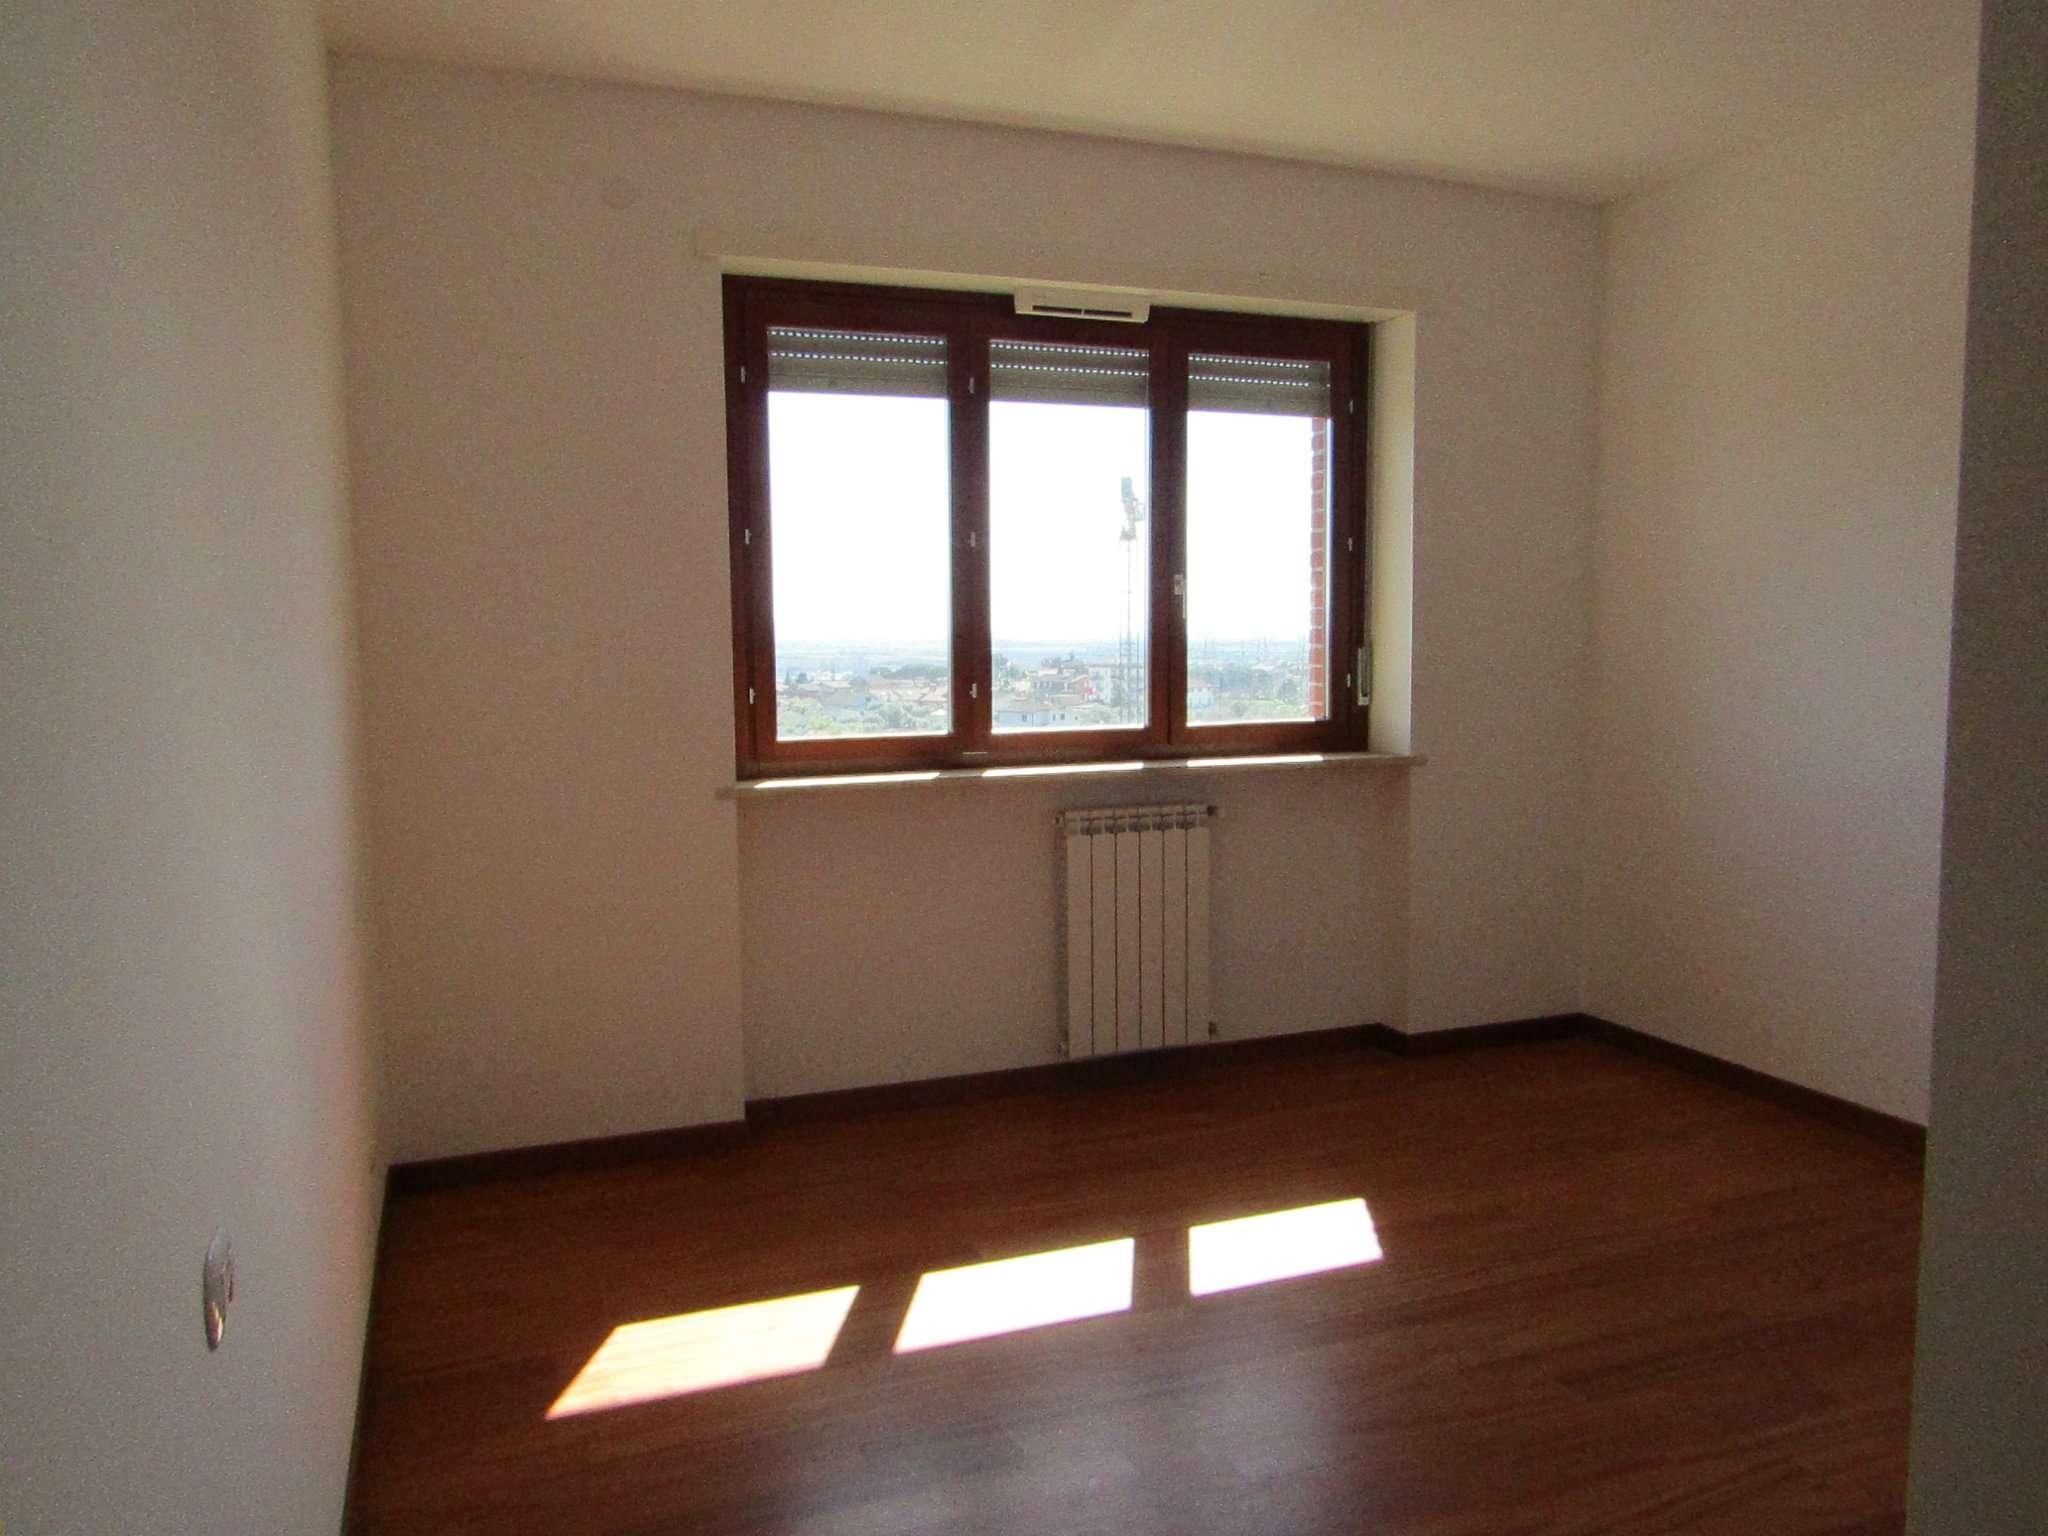 Bilocale vendita roma zona settecamini case rosse - Bagno senza finestra odori ...